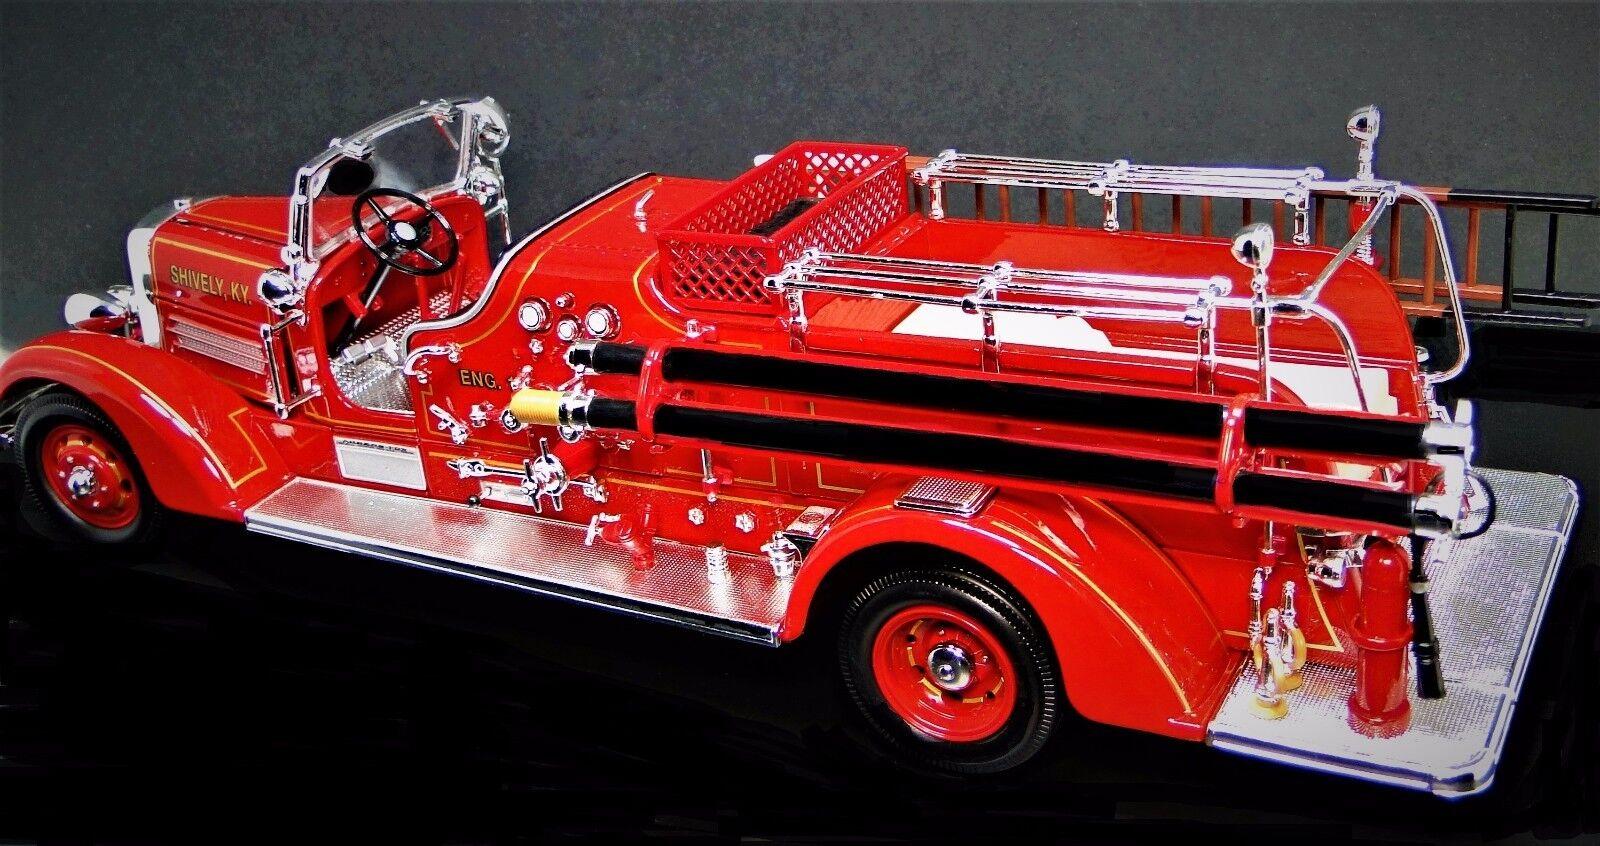 1930s Camión De Bomberos Vintage Antiguo un motor de 24 Modelo de Metal T 1 Raro Pickup coche 18